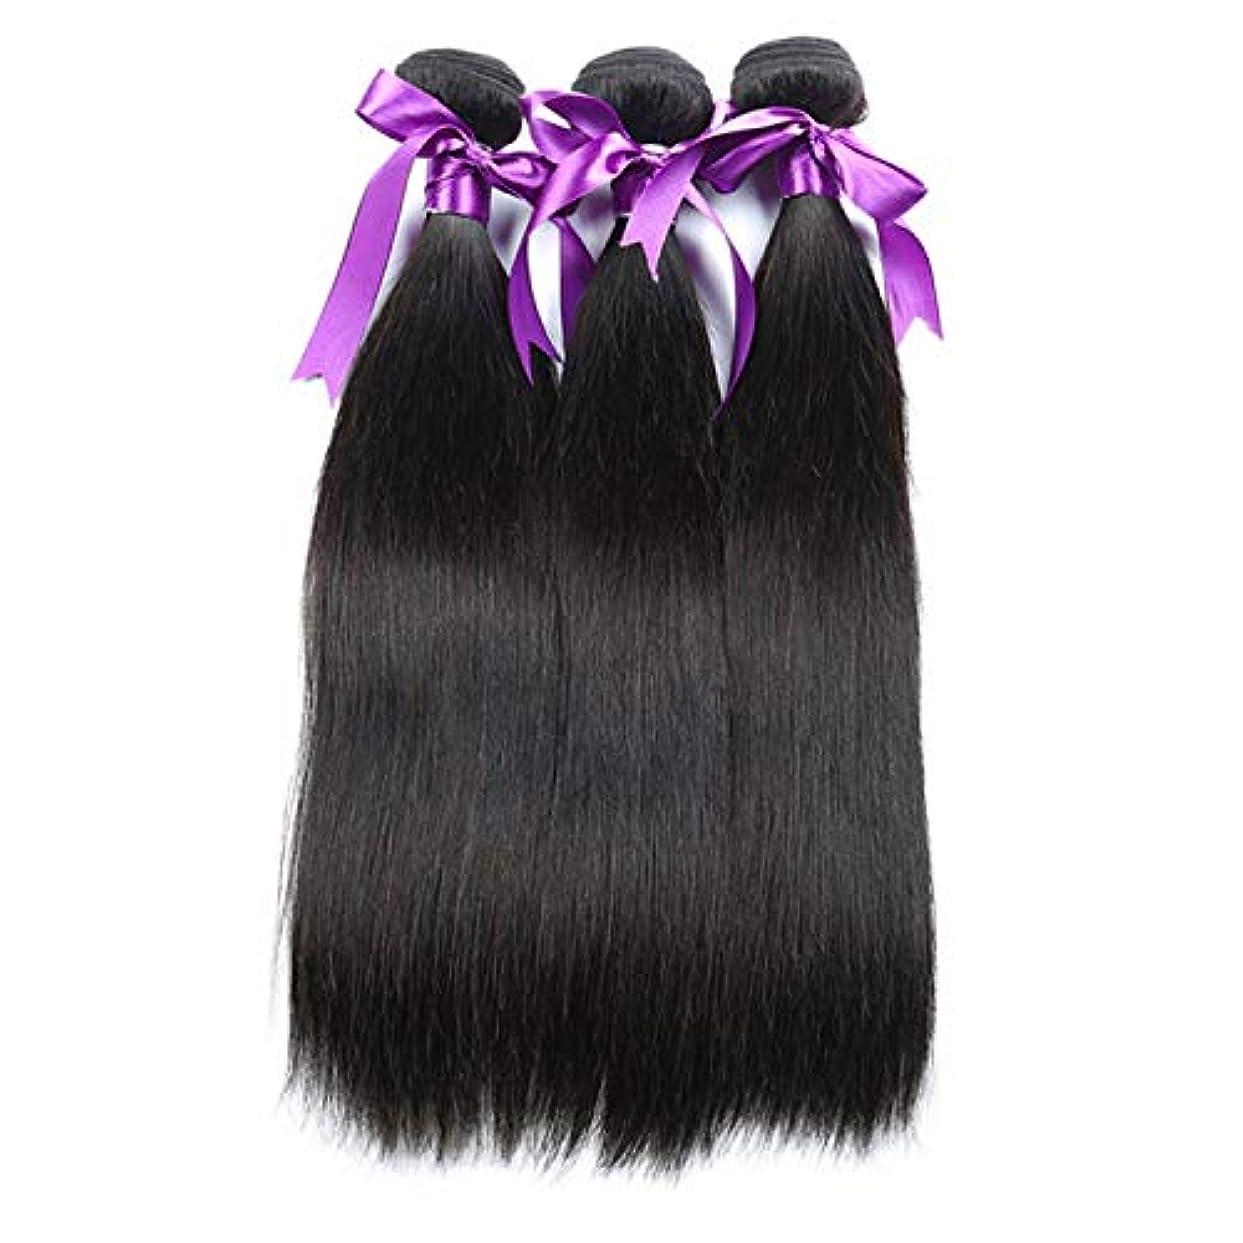 不正ラバ男らしい髪マレーシアストレートヘア3個人間の髪の束非レミーの毛延長8-28インチボディヘアウィッグ (Length : 22 24 26)